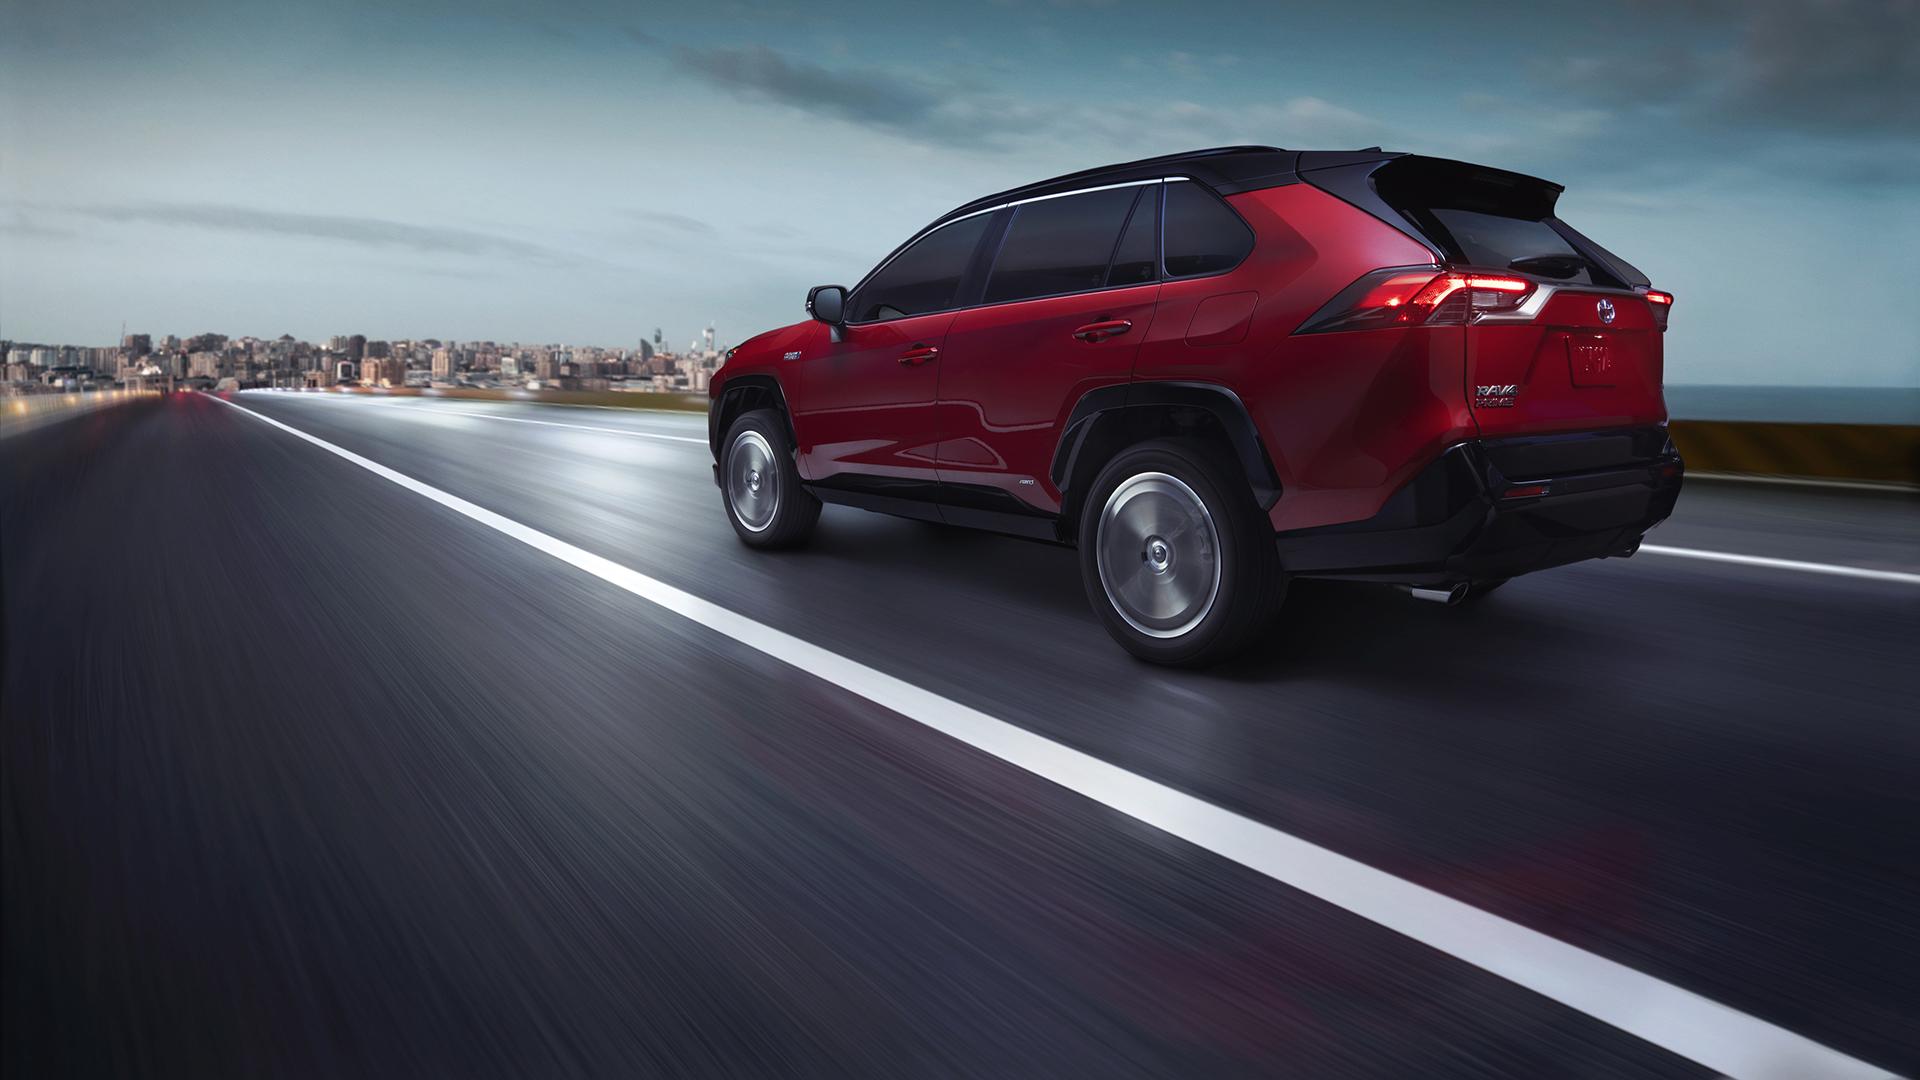 Un concesionario puede subir o bajar el monto total respecto al precio sugerido por el fabricante. / Foto: Toyota